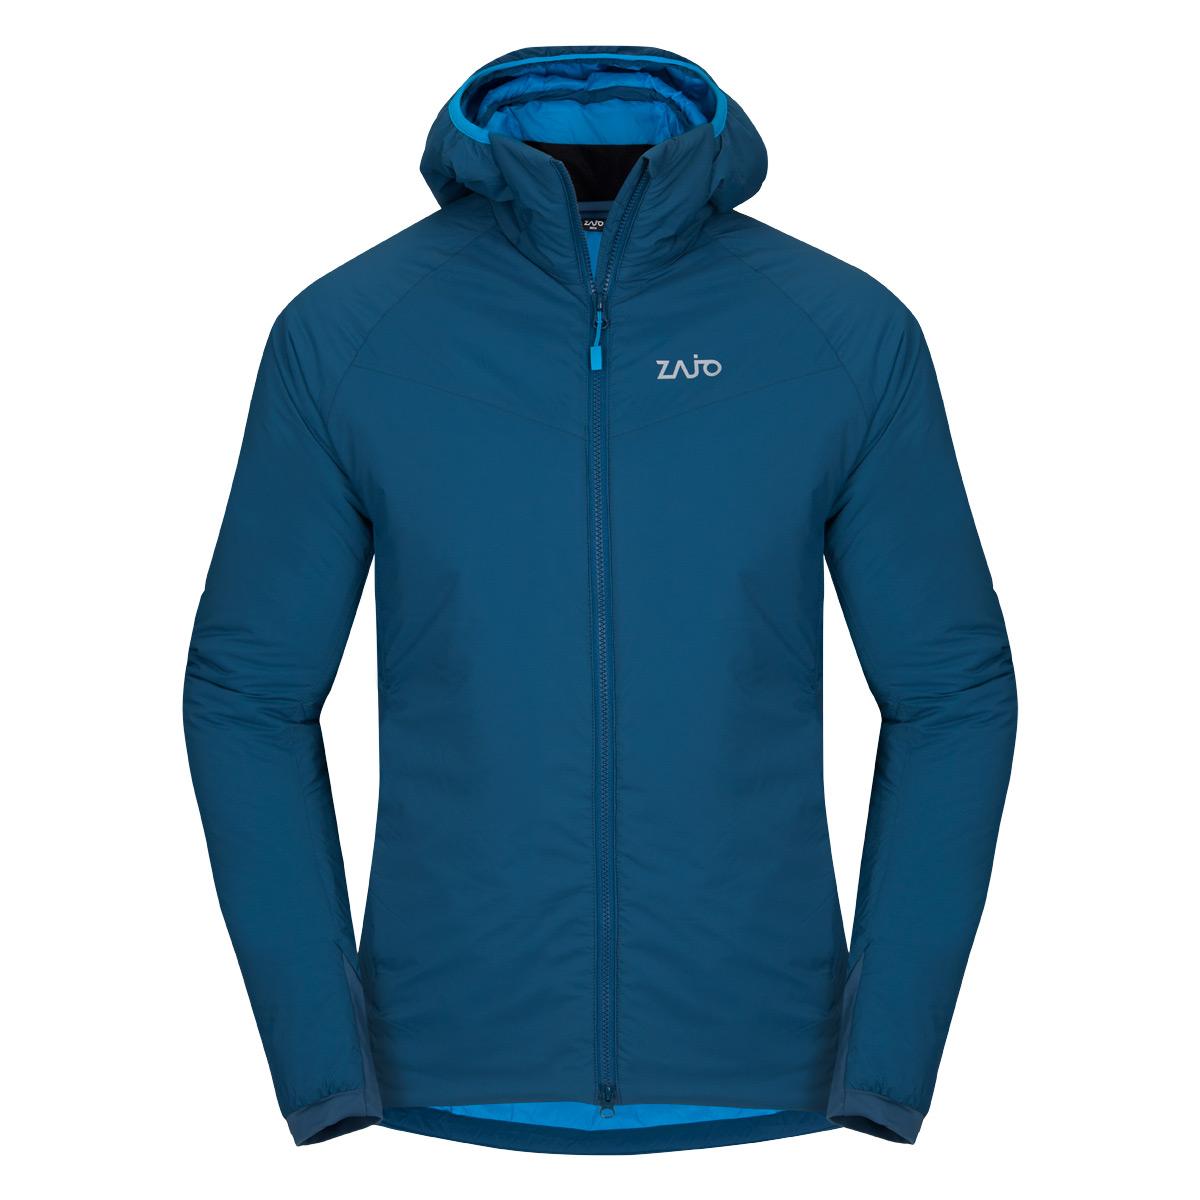 Pánska bunda Zajo Narvik JKT Morrocan Blue - veľkosť L